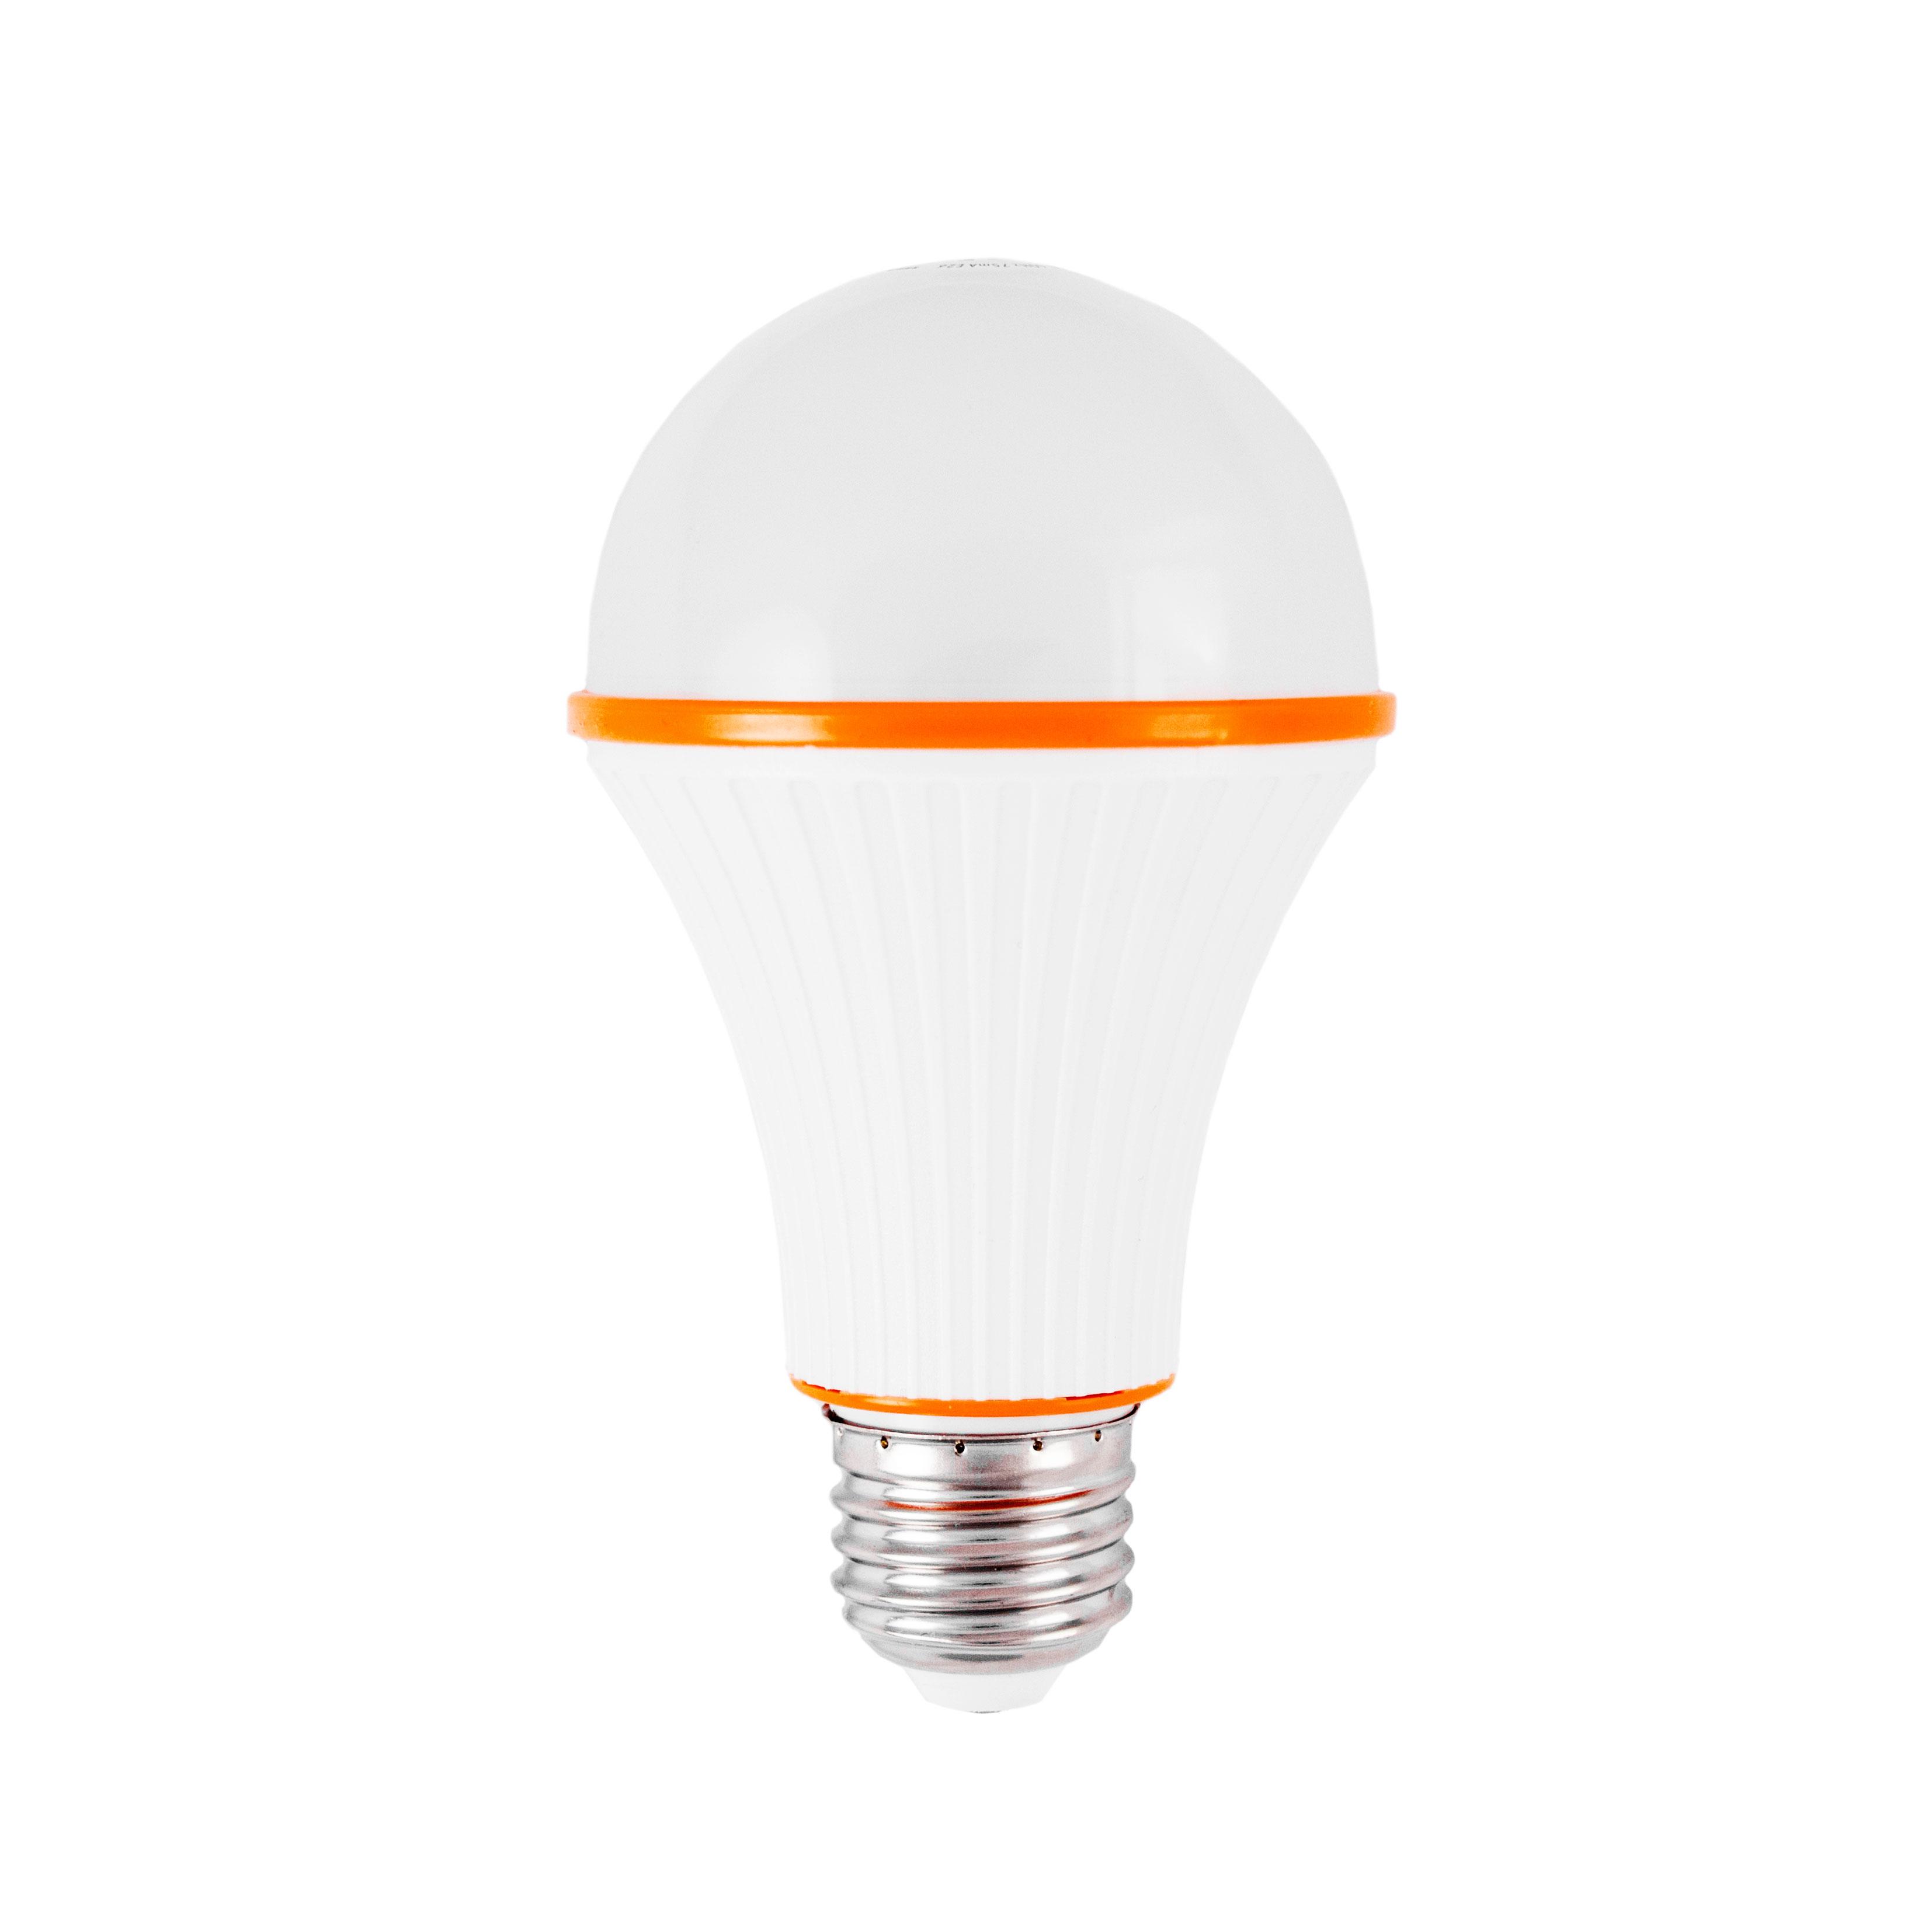 9 Watt E26 LED Bulbs (100W Light Bulbs Equivalent), Ceiling Light, Cool  White (6500K)